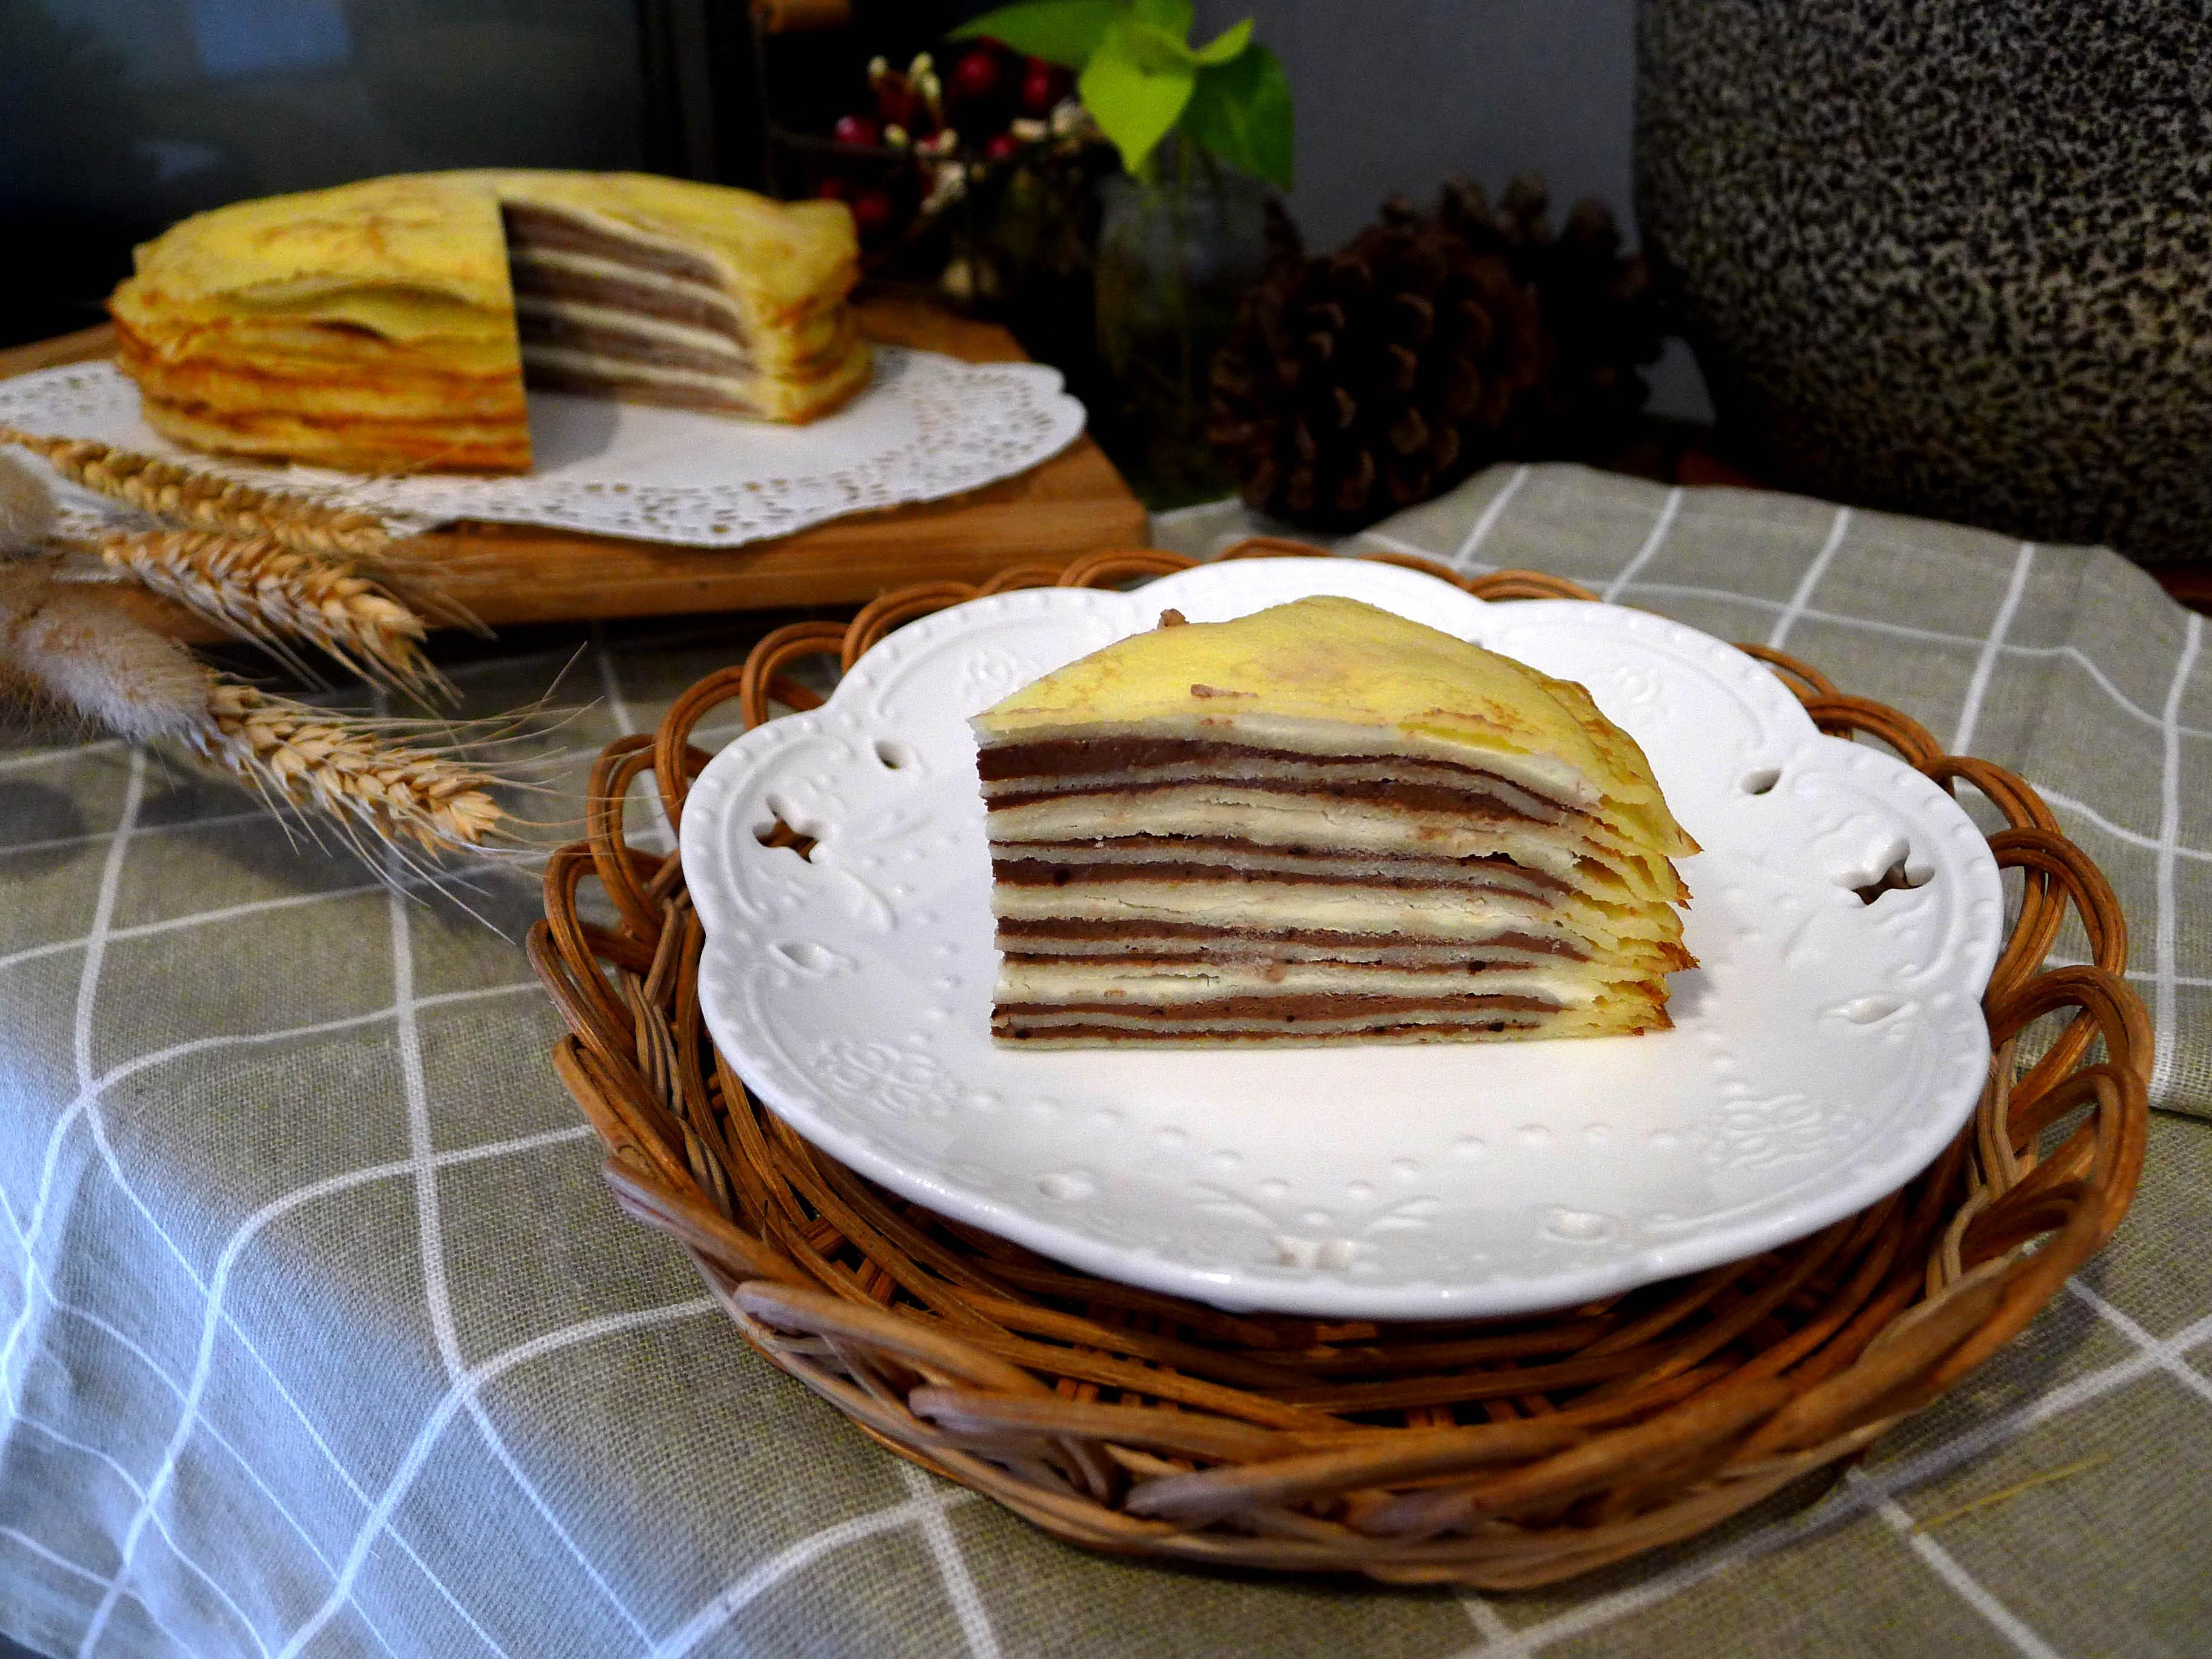 【千層蛋糕】六吋│蛋奶素│原味│巧克力│宇治金時 2